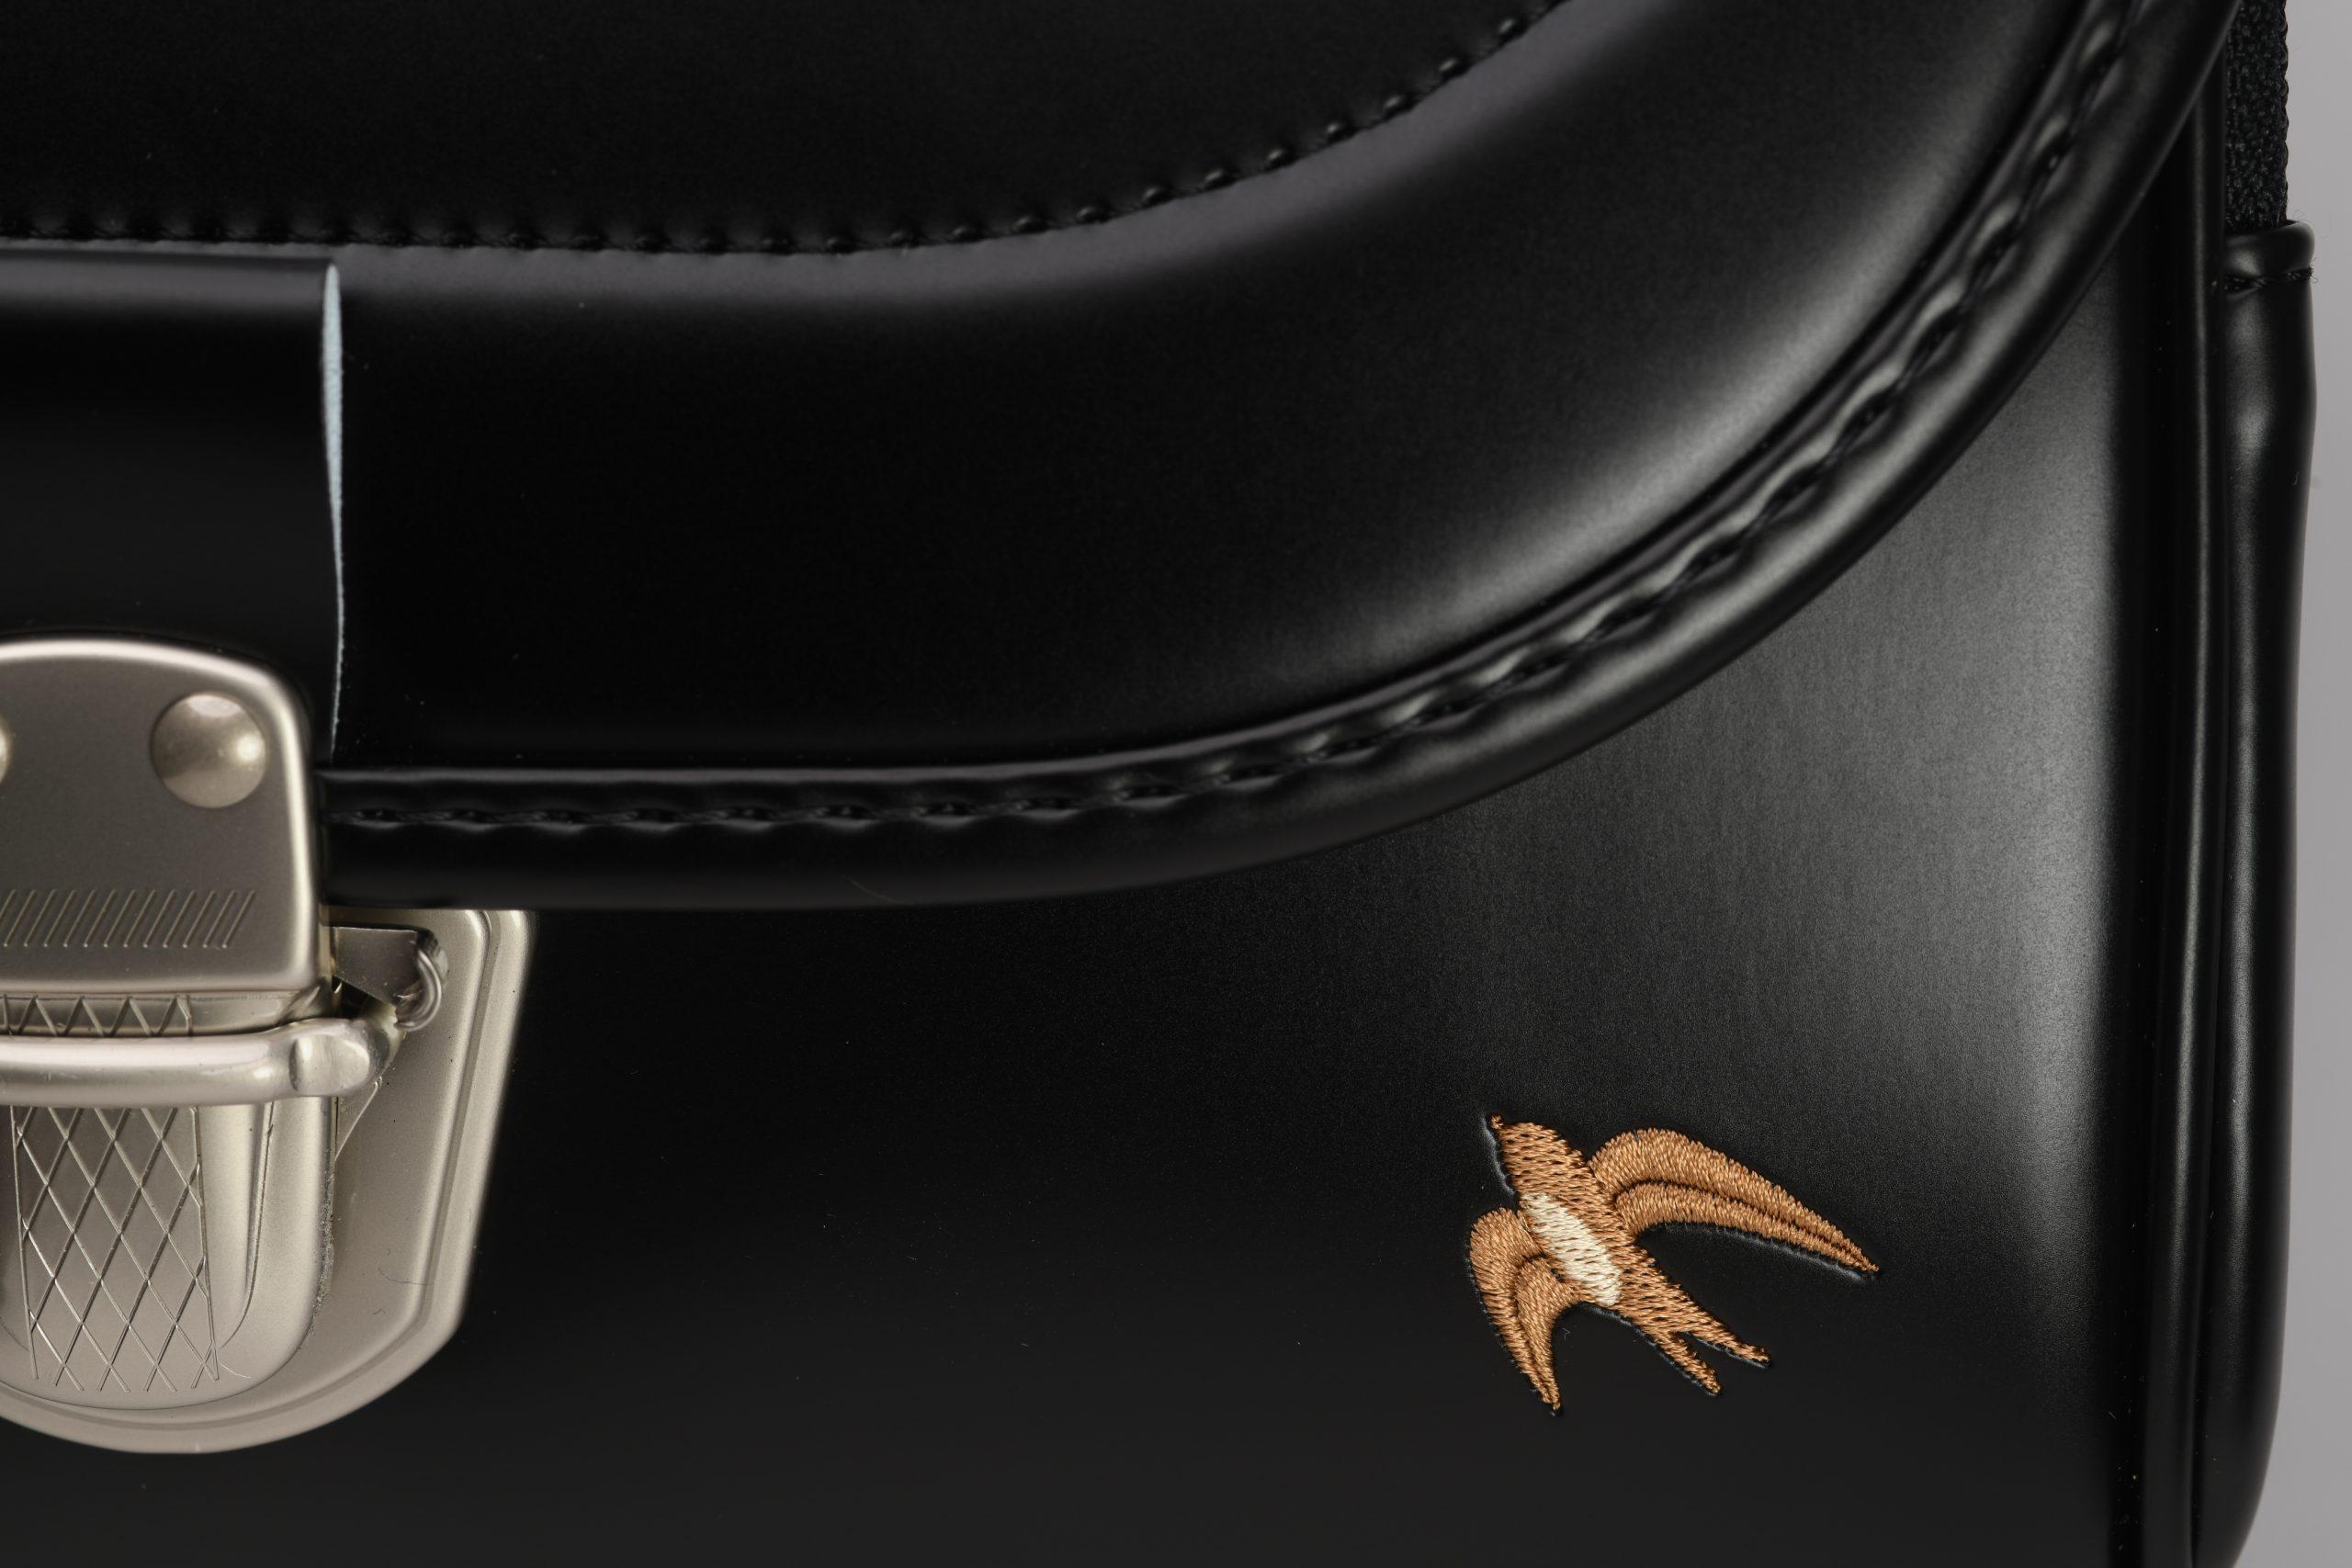 ブラックにあわせてデザインされた 「つばめ」の ワンポイントの刺繍